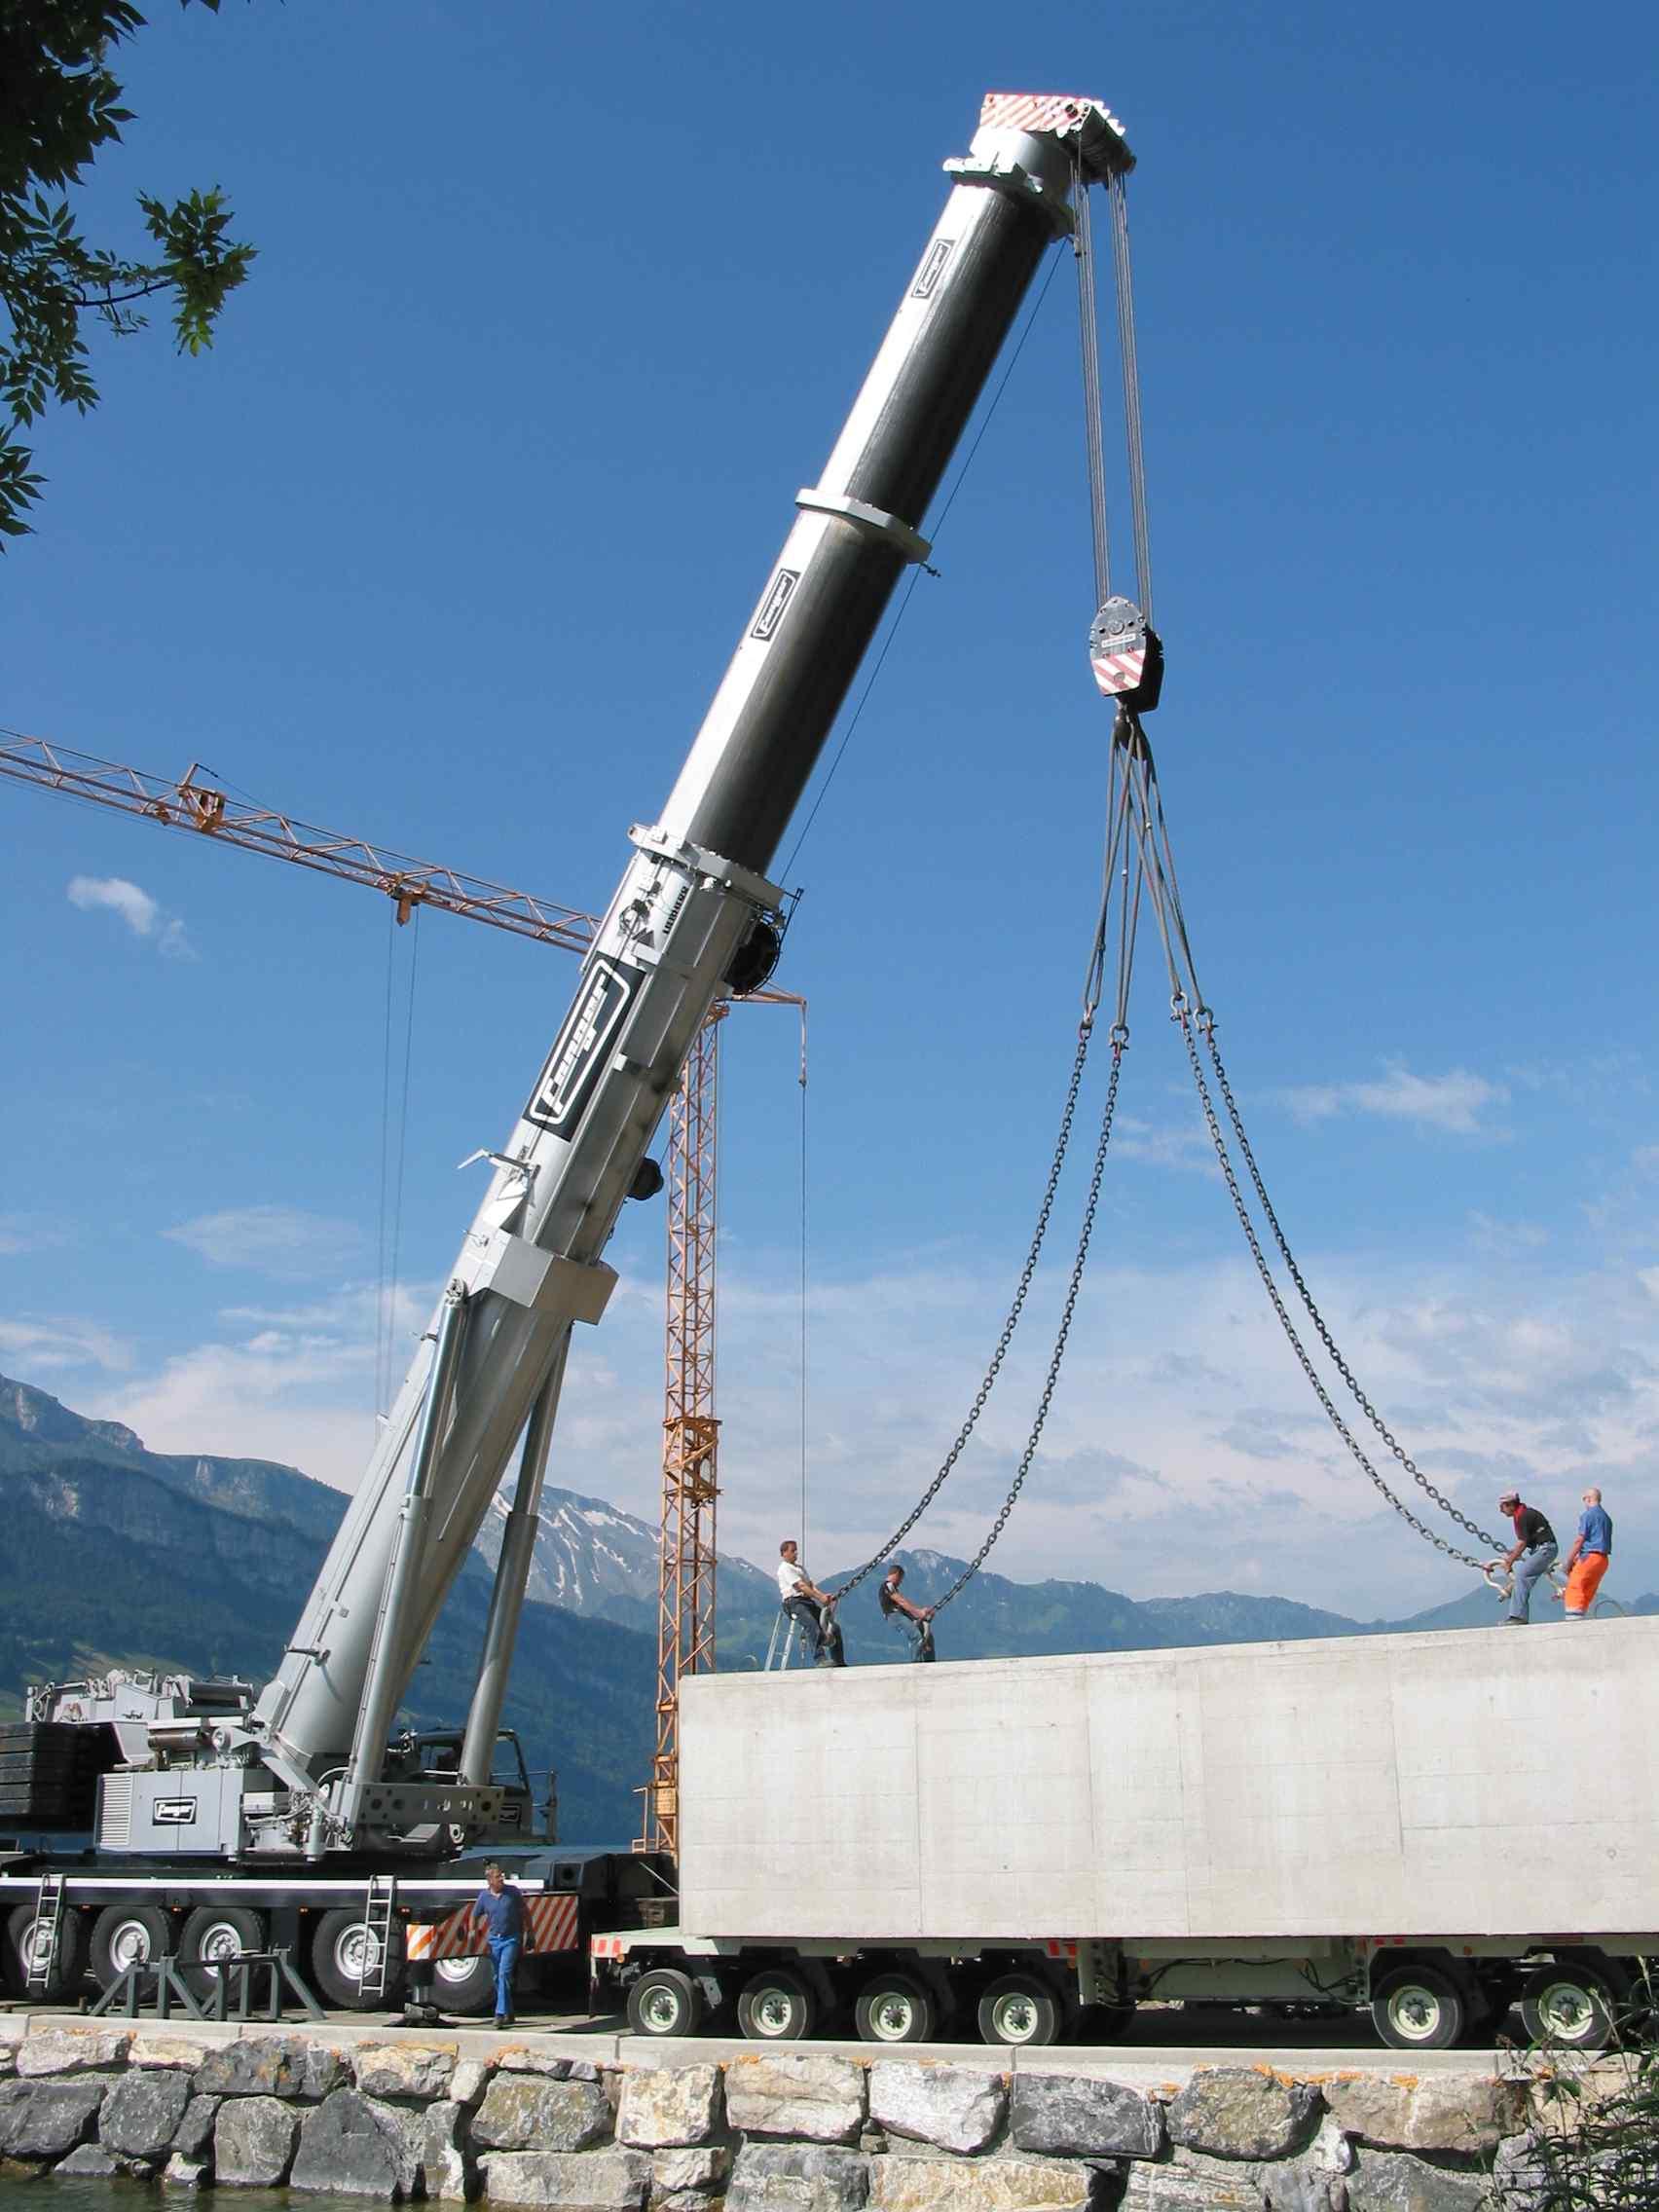 BauWasserung-und-Montage-Molenelemente_05